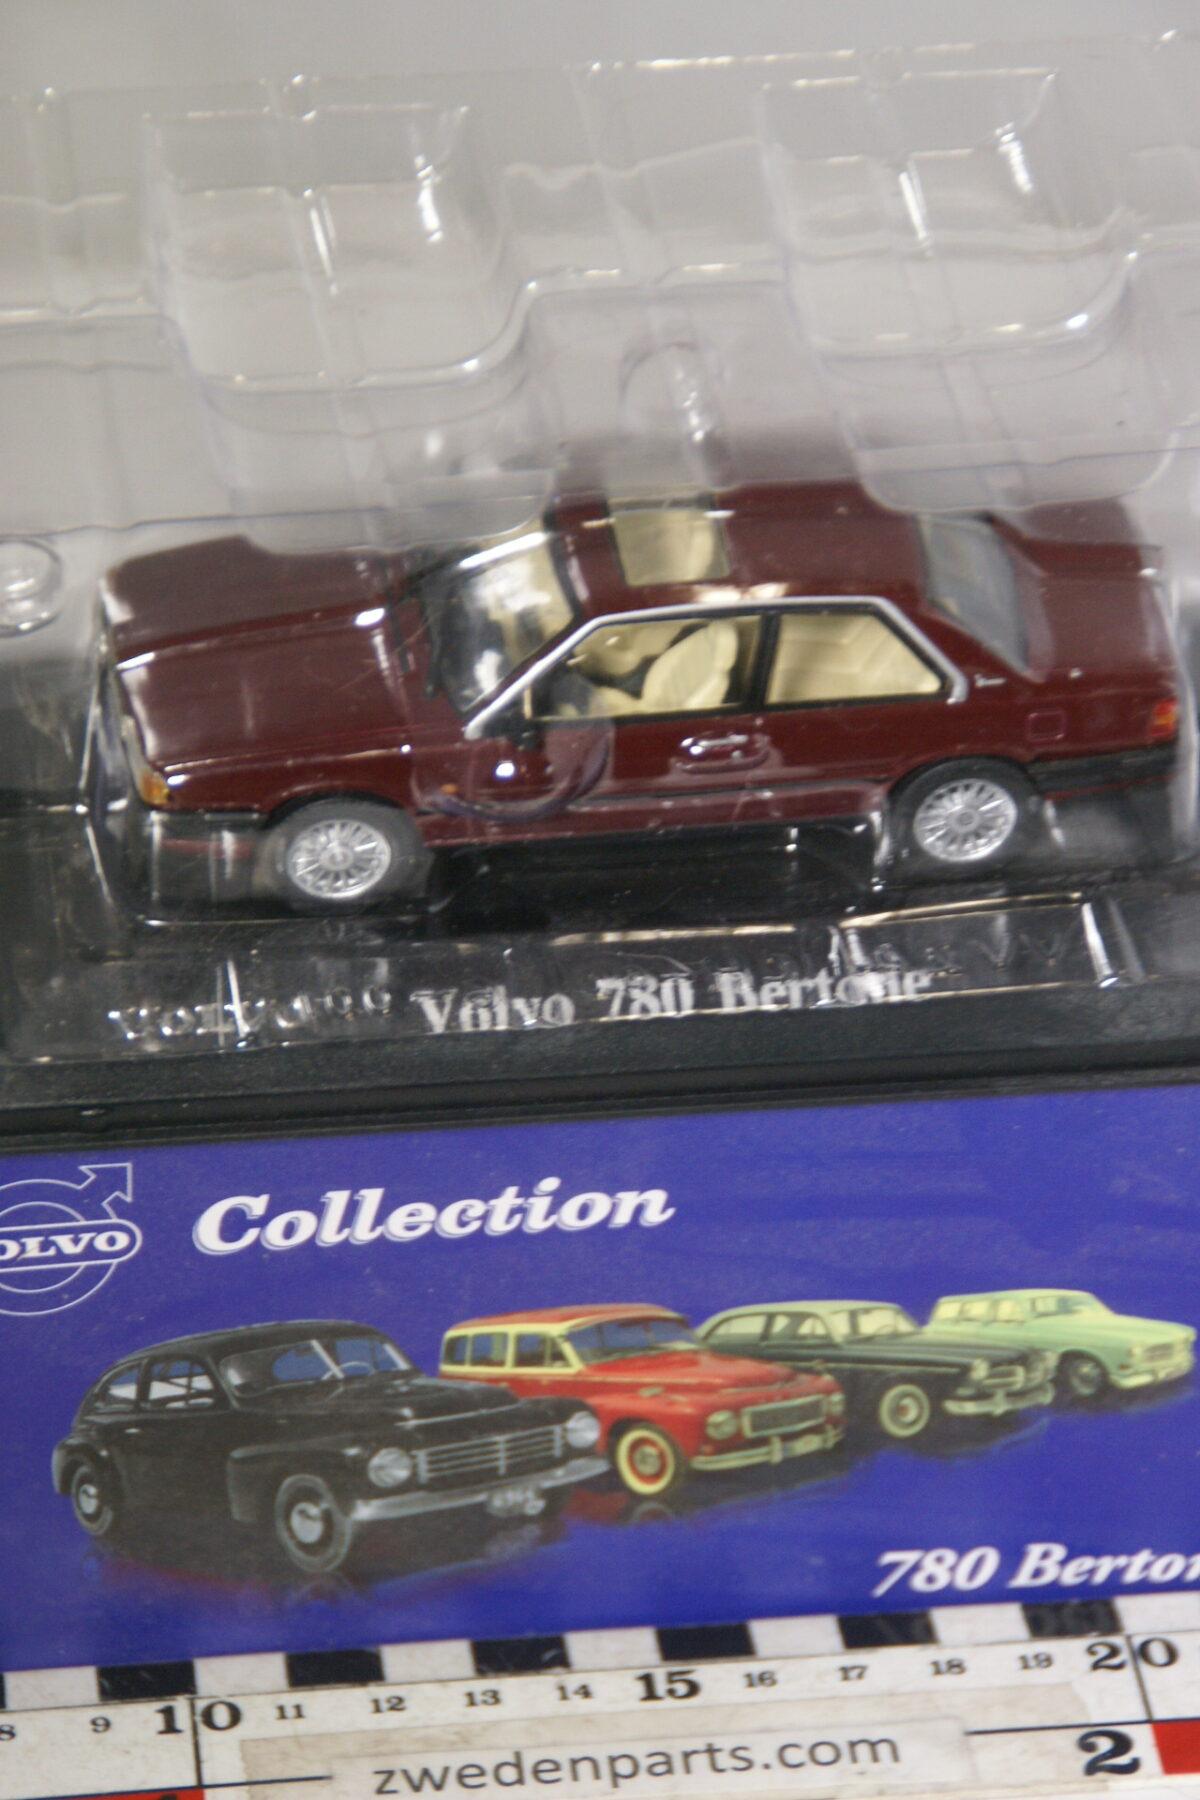 DSC00527 miniatuur Volvo 780 Bertone rood 1op43 Atlas 24 nieuw in originele verpakking-08351d1a